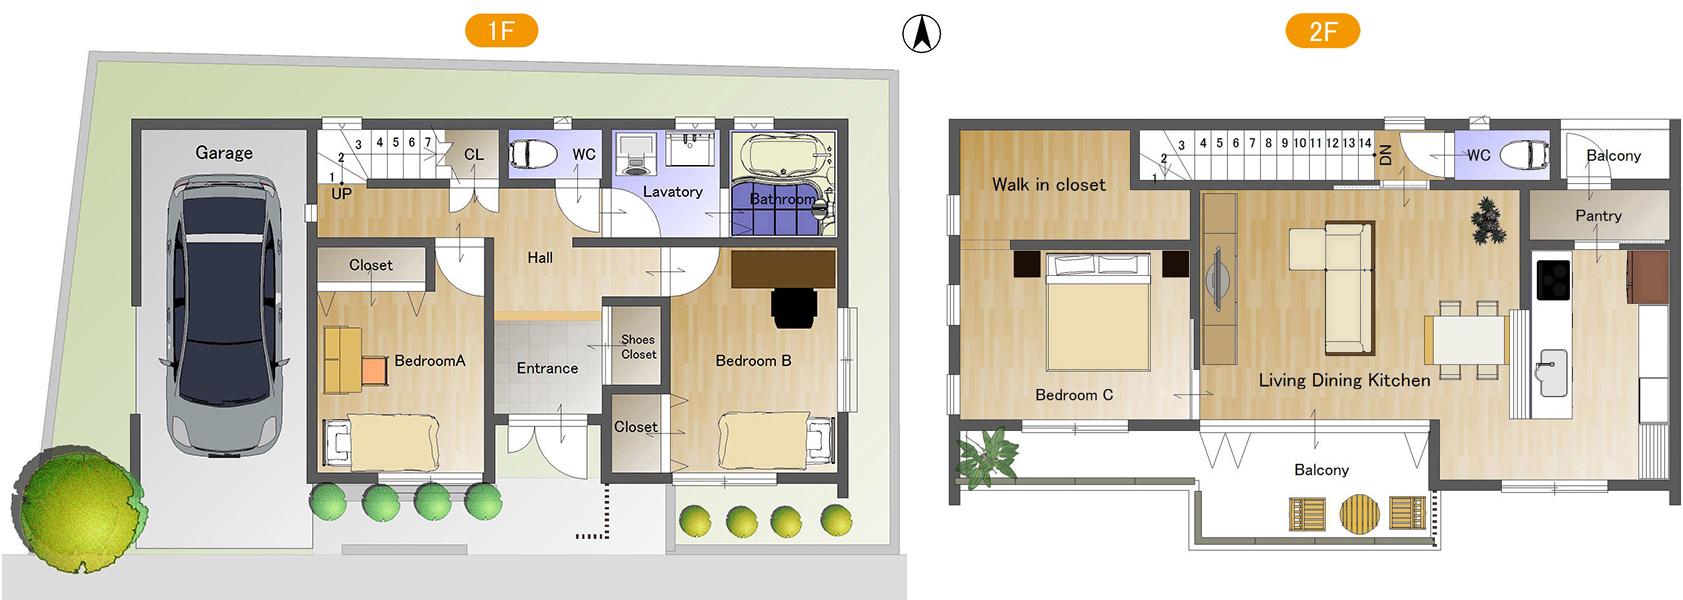 ゼロエネルギー住宅モデルプラン